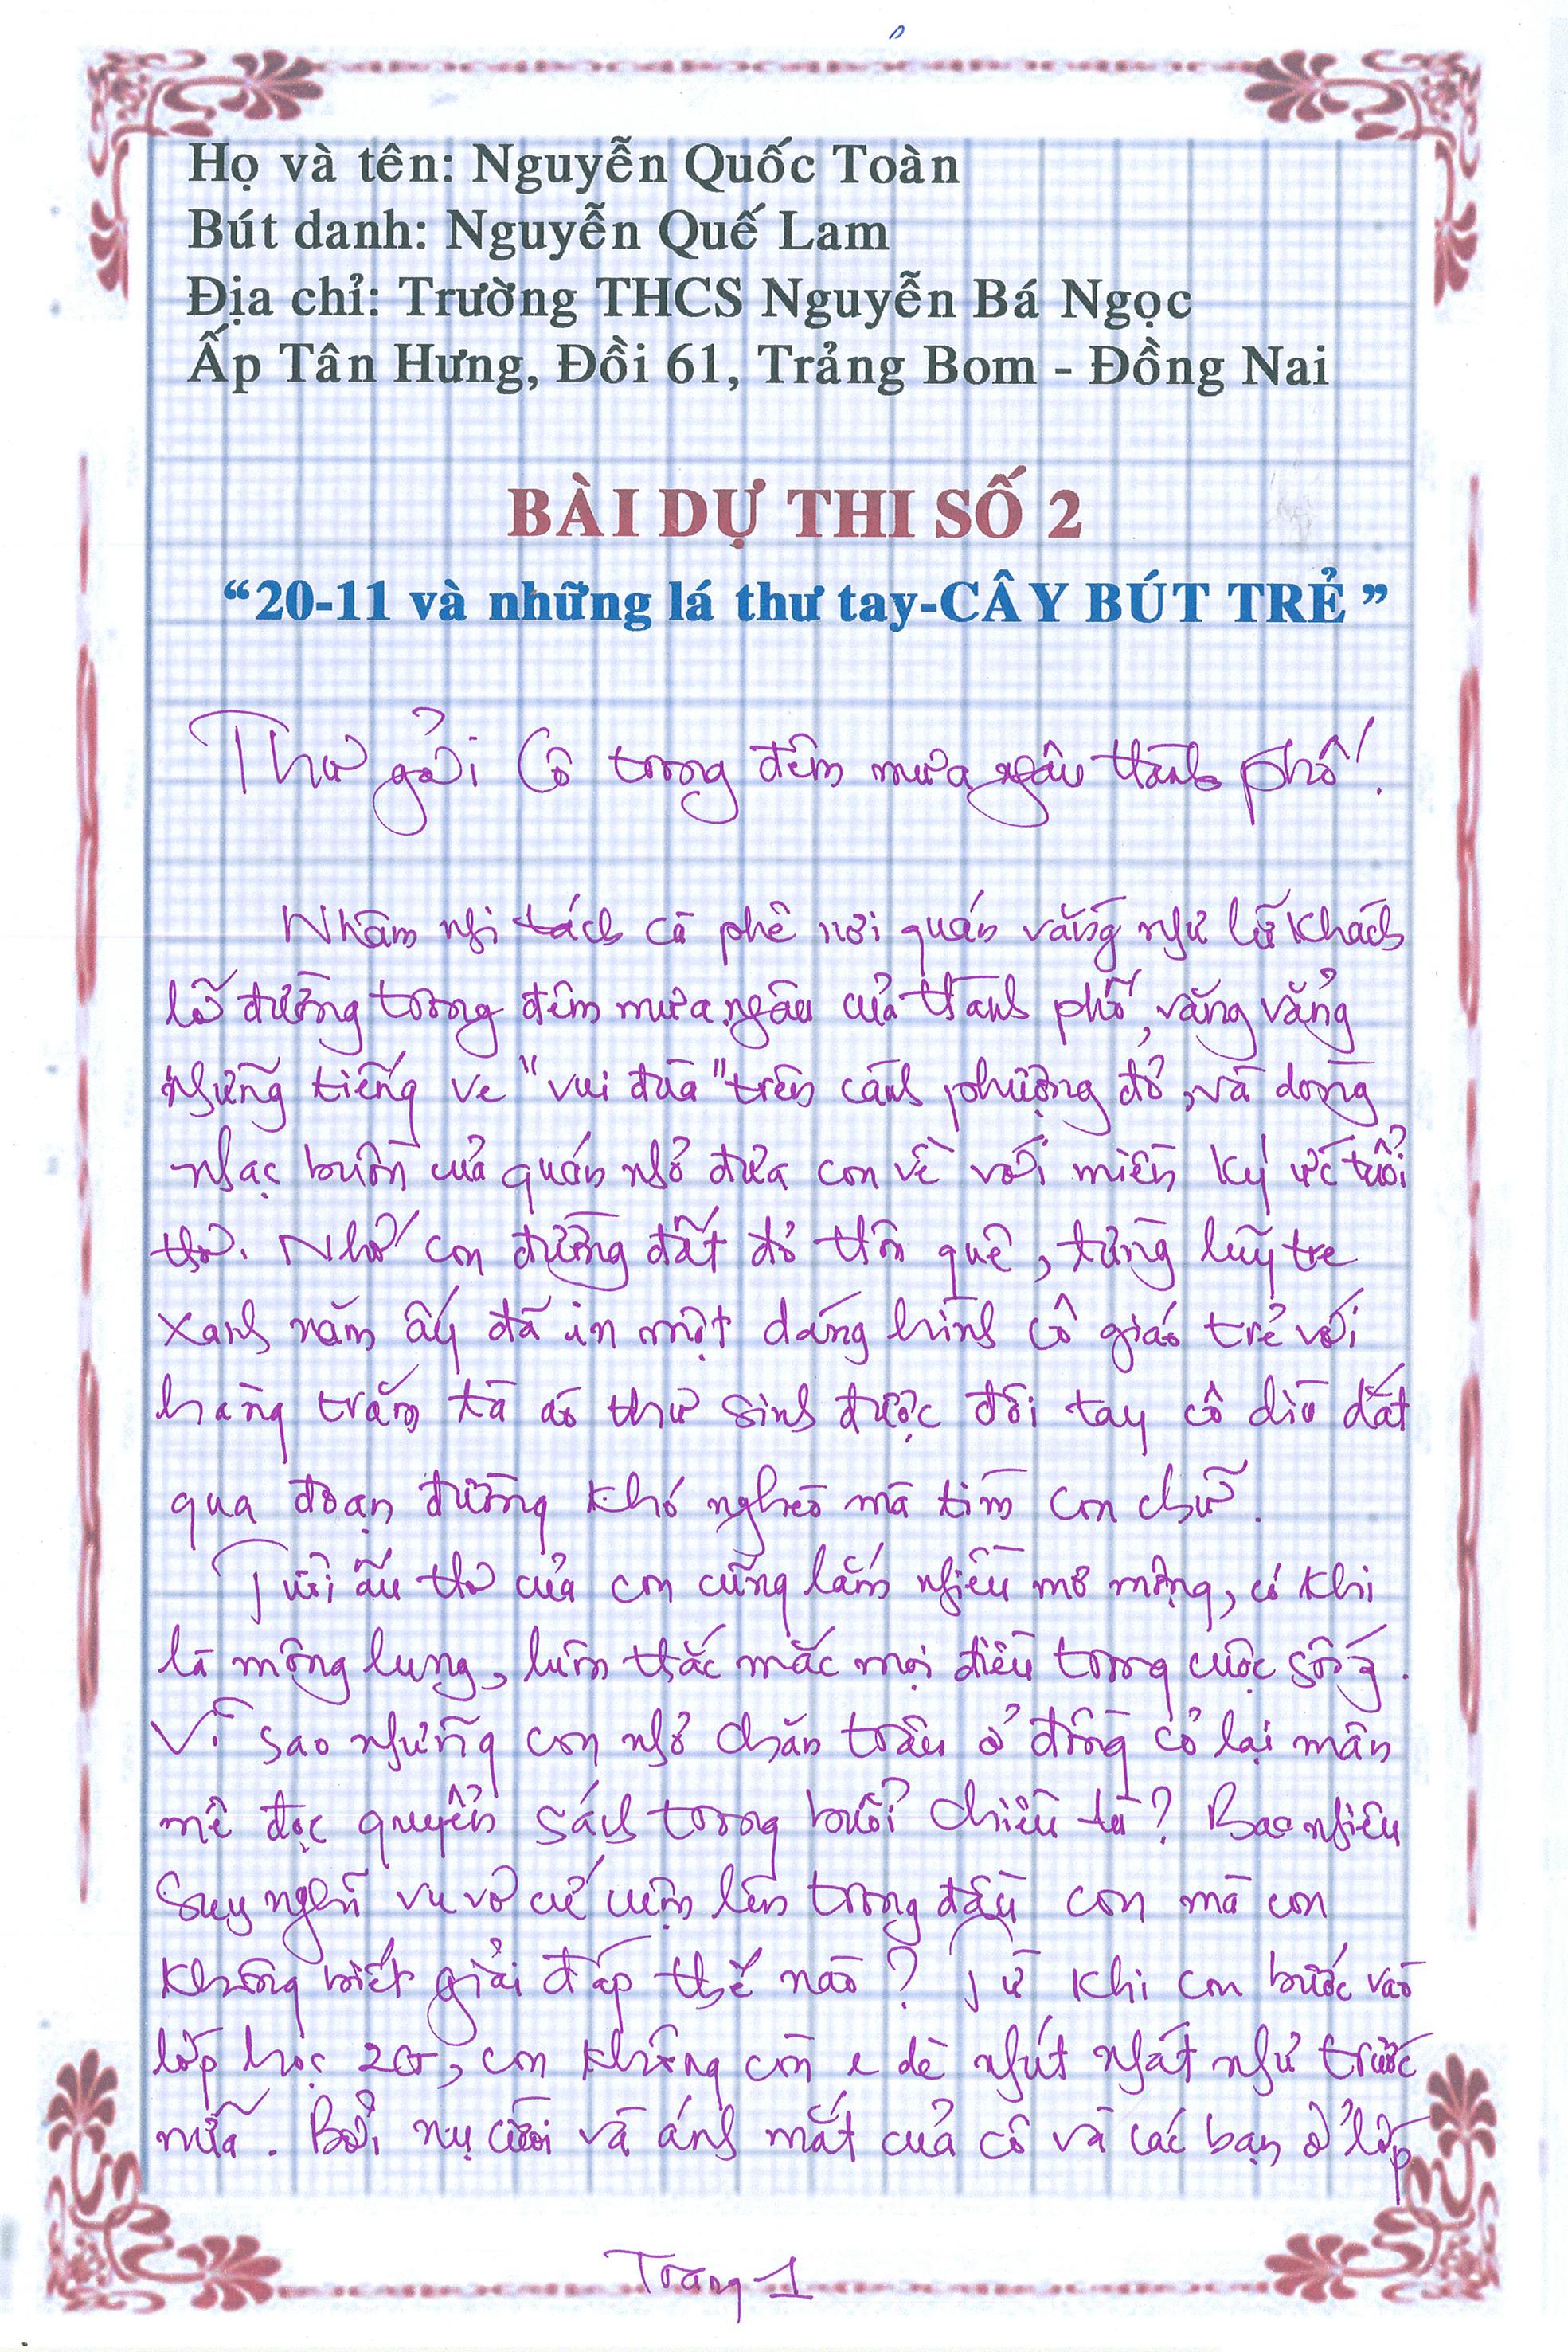 Bai du thi so trang 1 - [20/11 và những lá thư tay]: Thư gửi cô trong đêm mưa ngâu thành phố